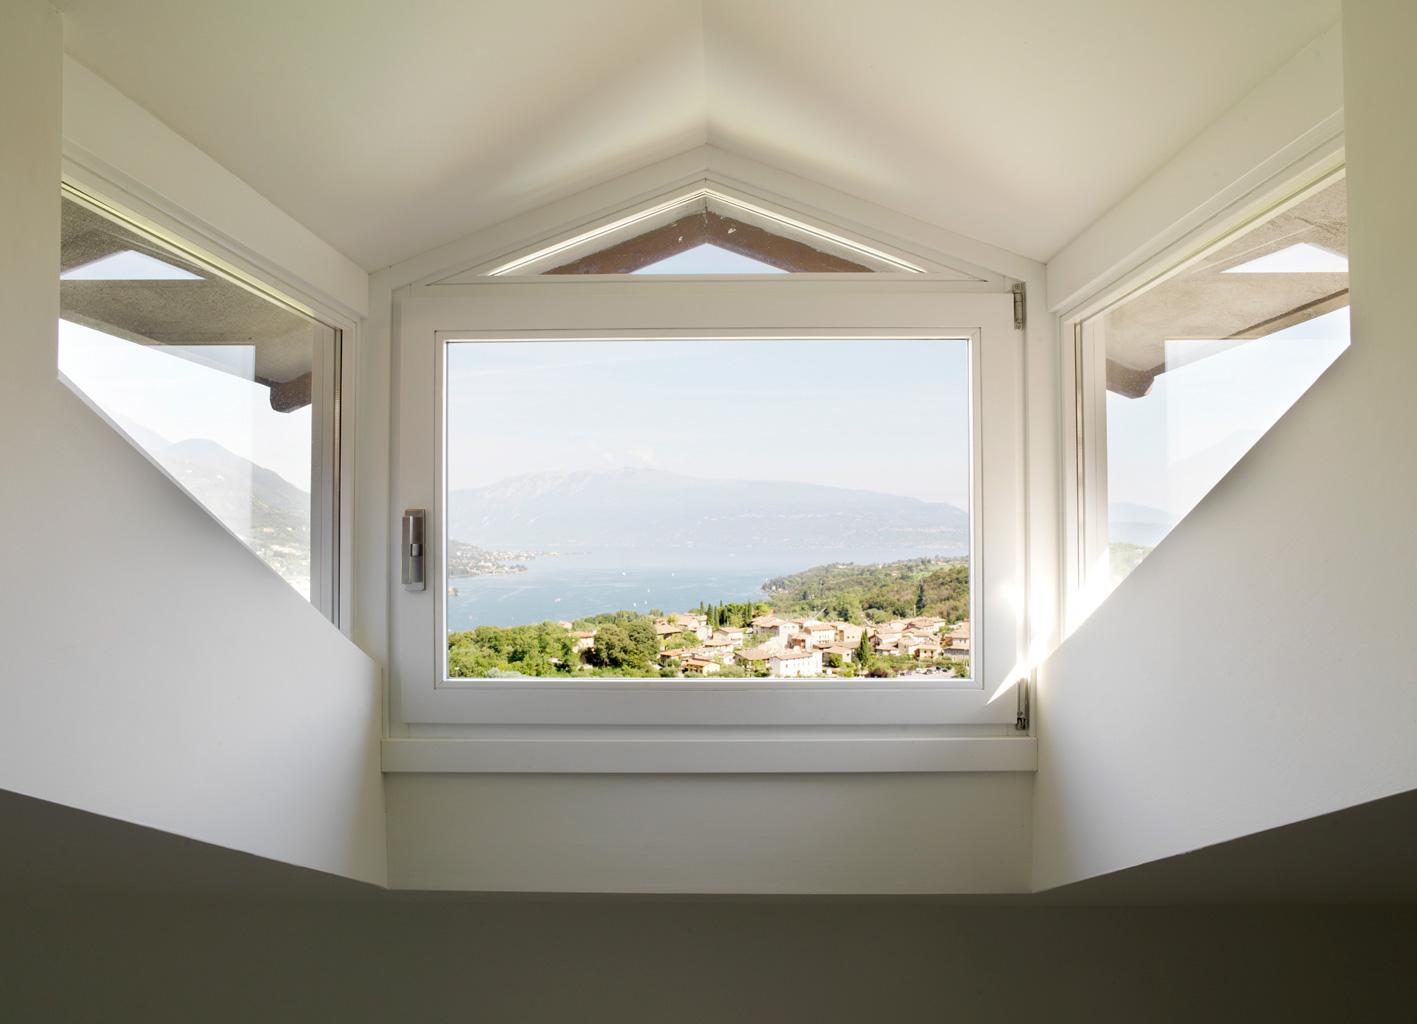 Finestra su misura in abitazione su Lago di Garda (Brescia)